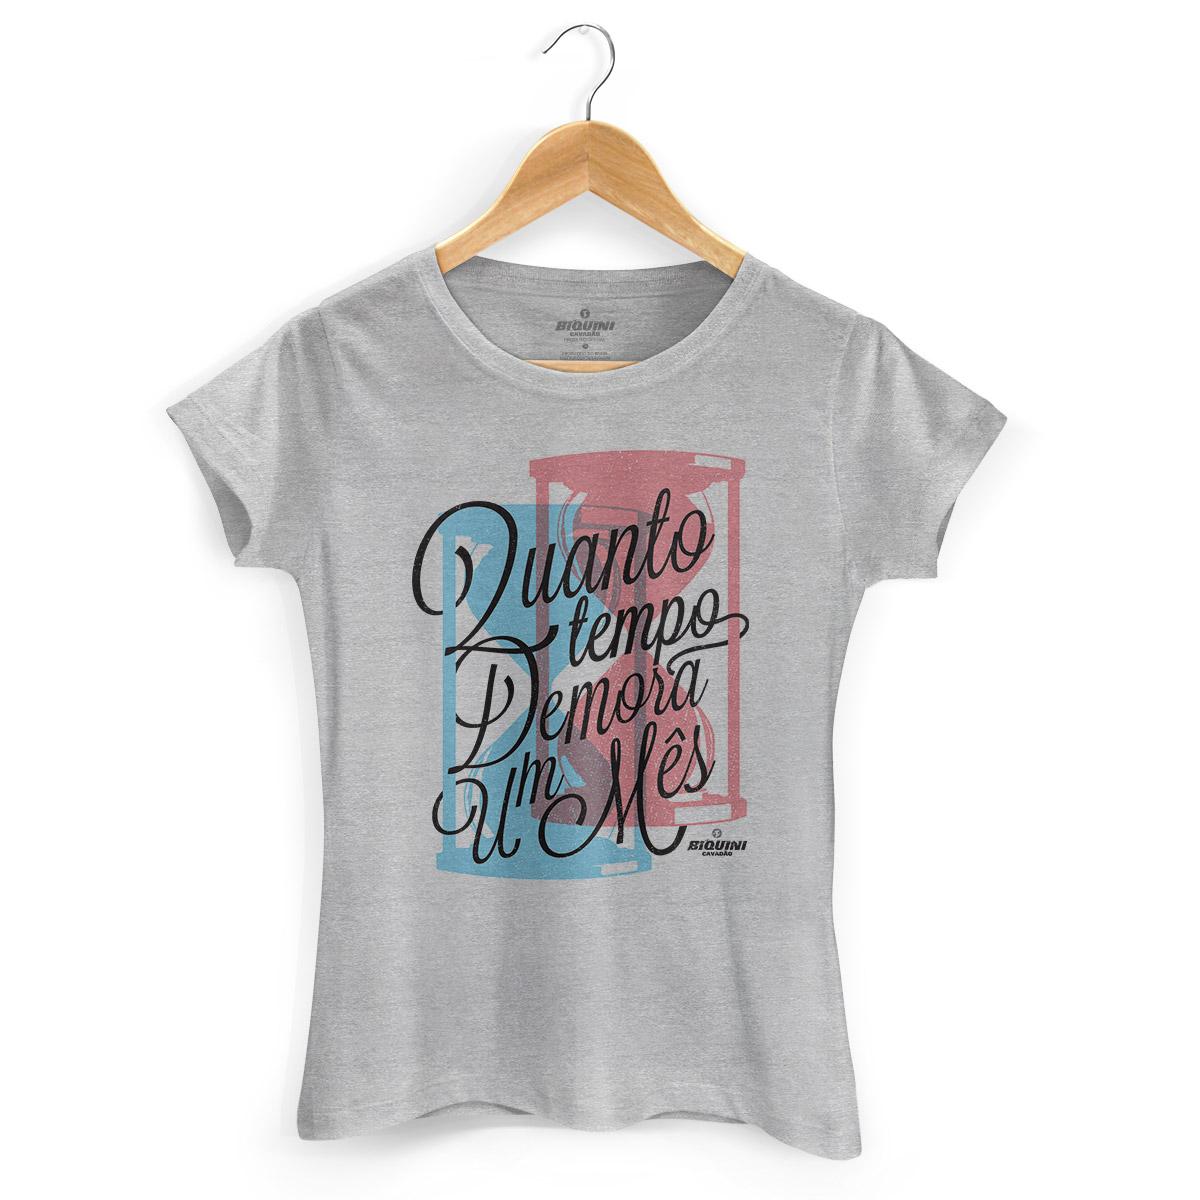 Camiseta Feminina Biquini Cavadão Quanto Tempo Demora um Mês